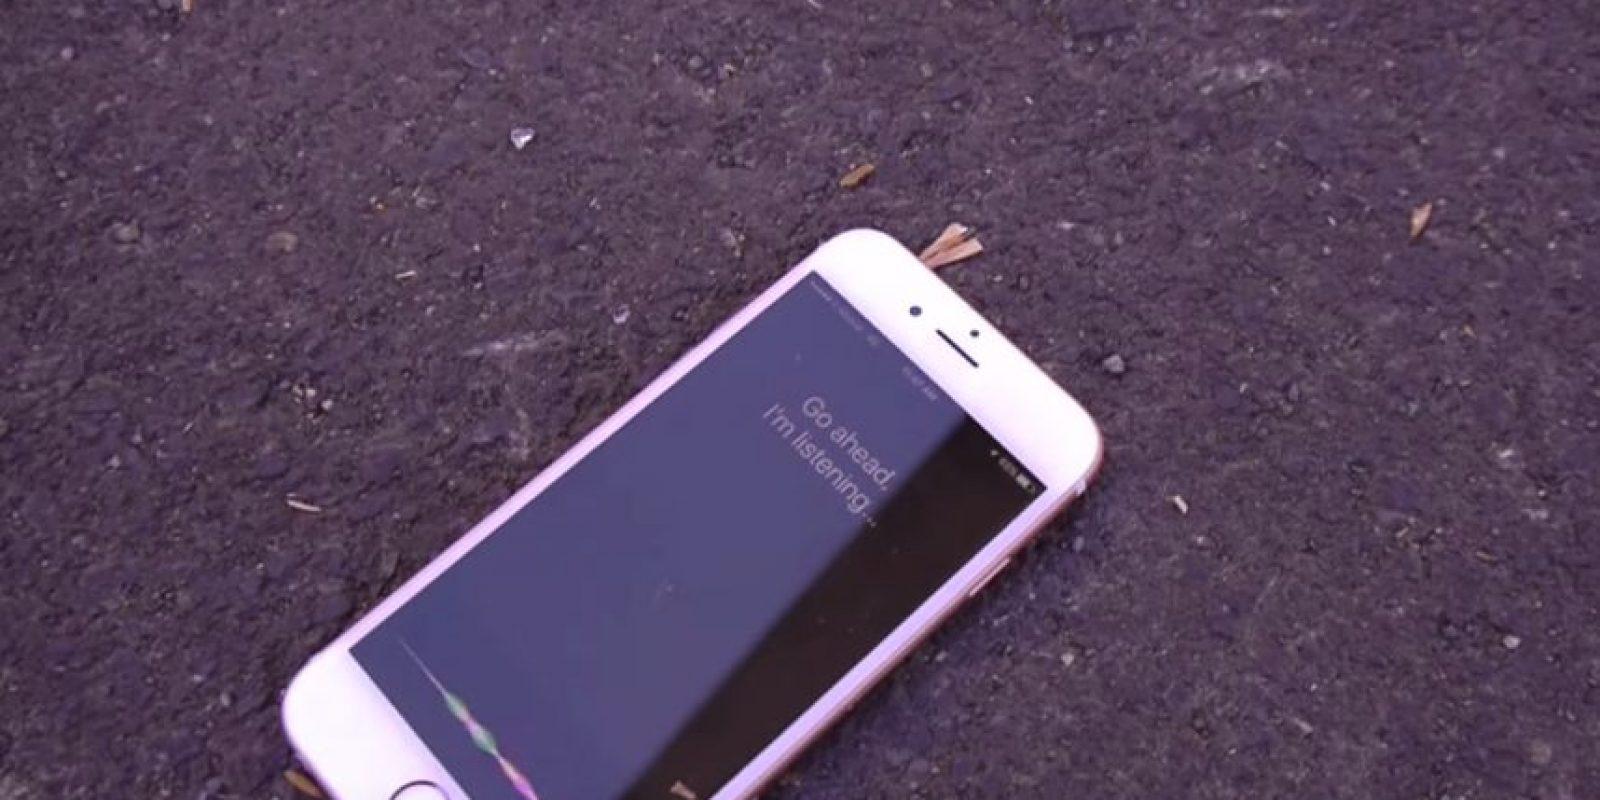 Siri pensó que querían su ayuda Foto:TechRax/YouTube